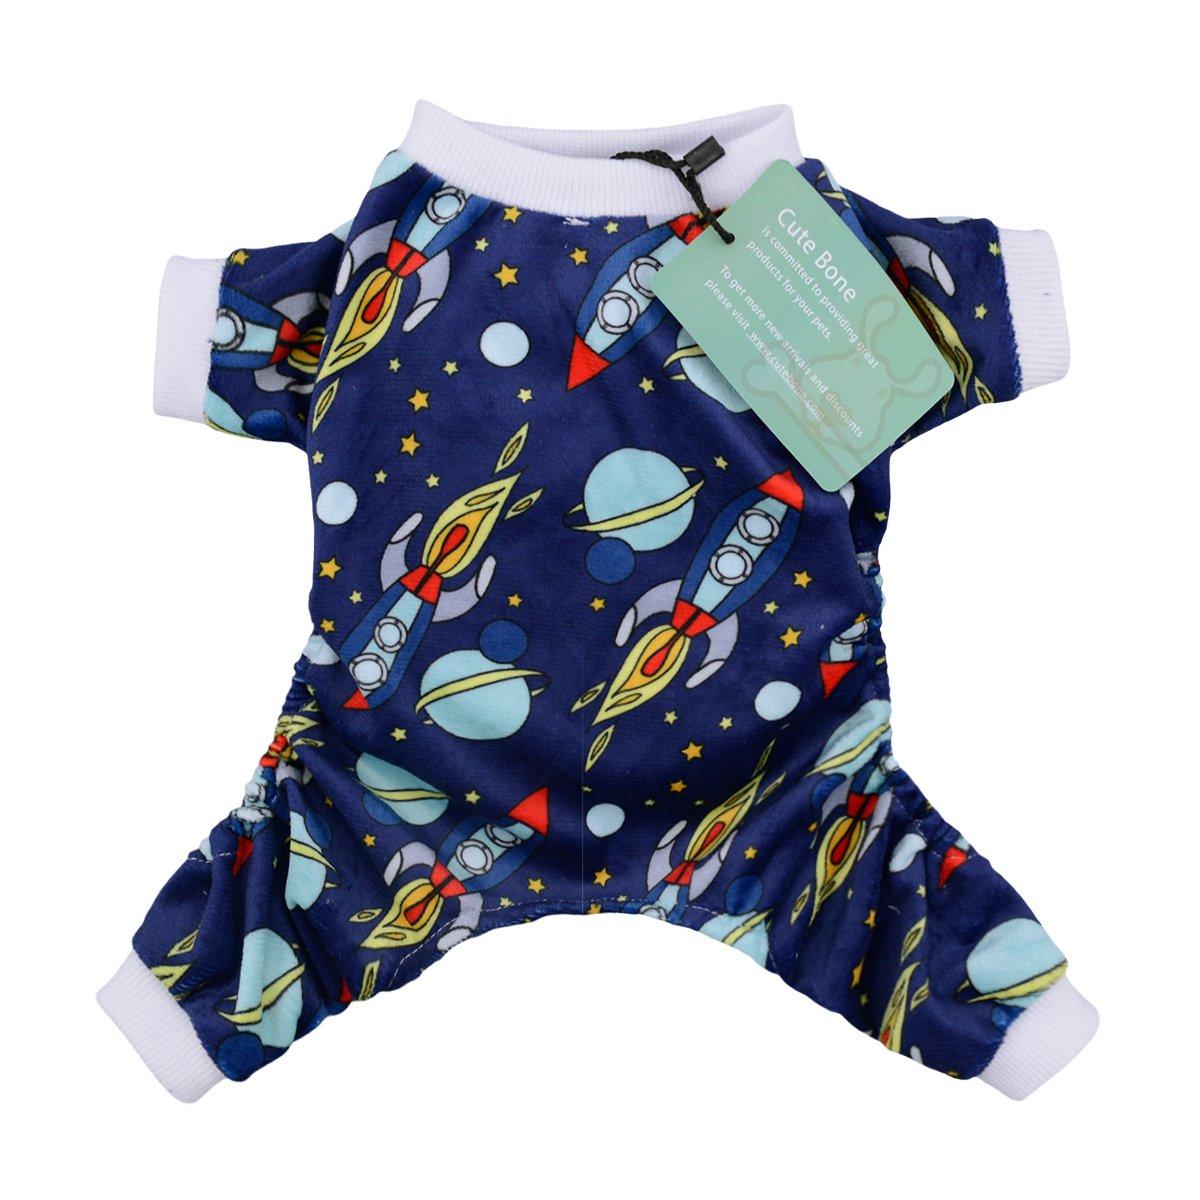 CuteBone Dog Pajamas Rocket Dog Apparel Dog Jumpsuit Pet Clothes Pajamas P16M